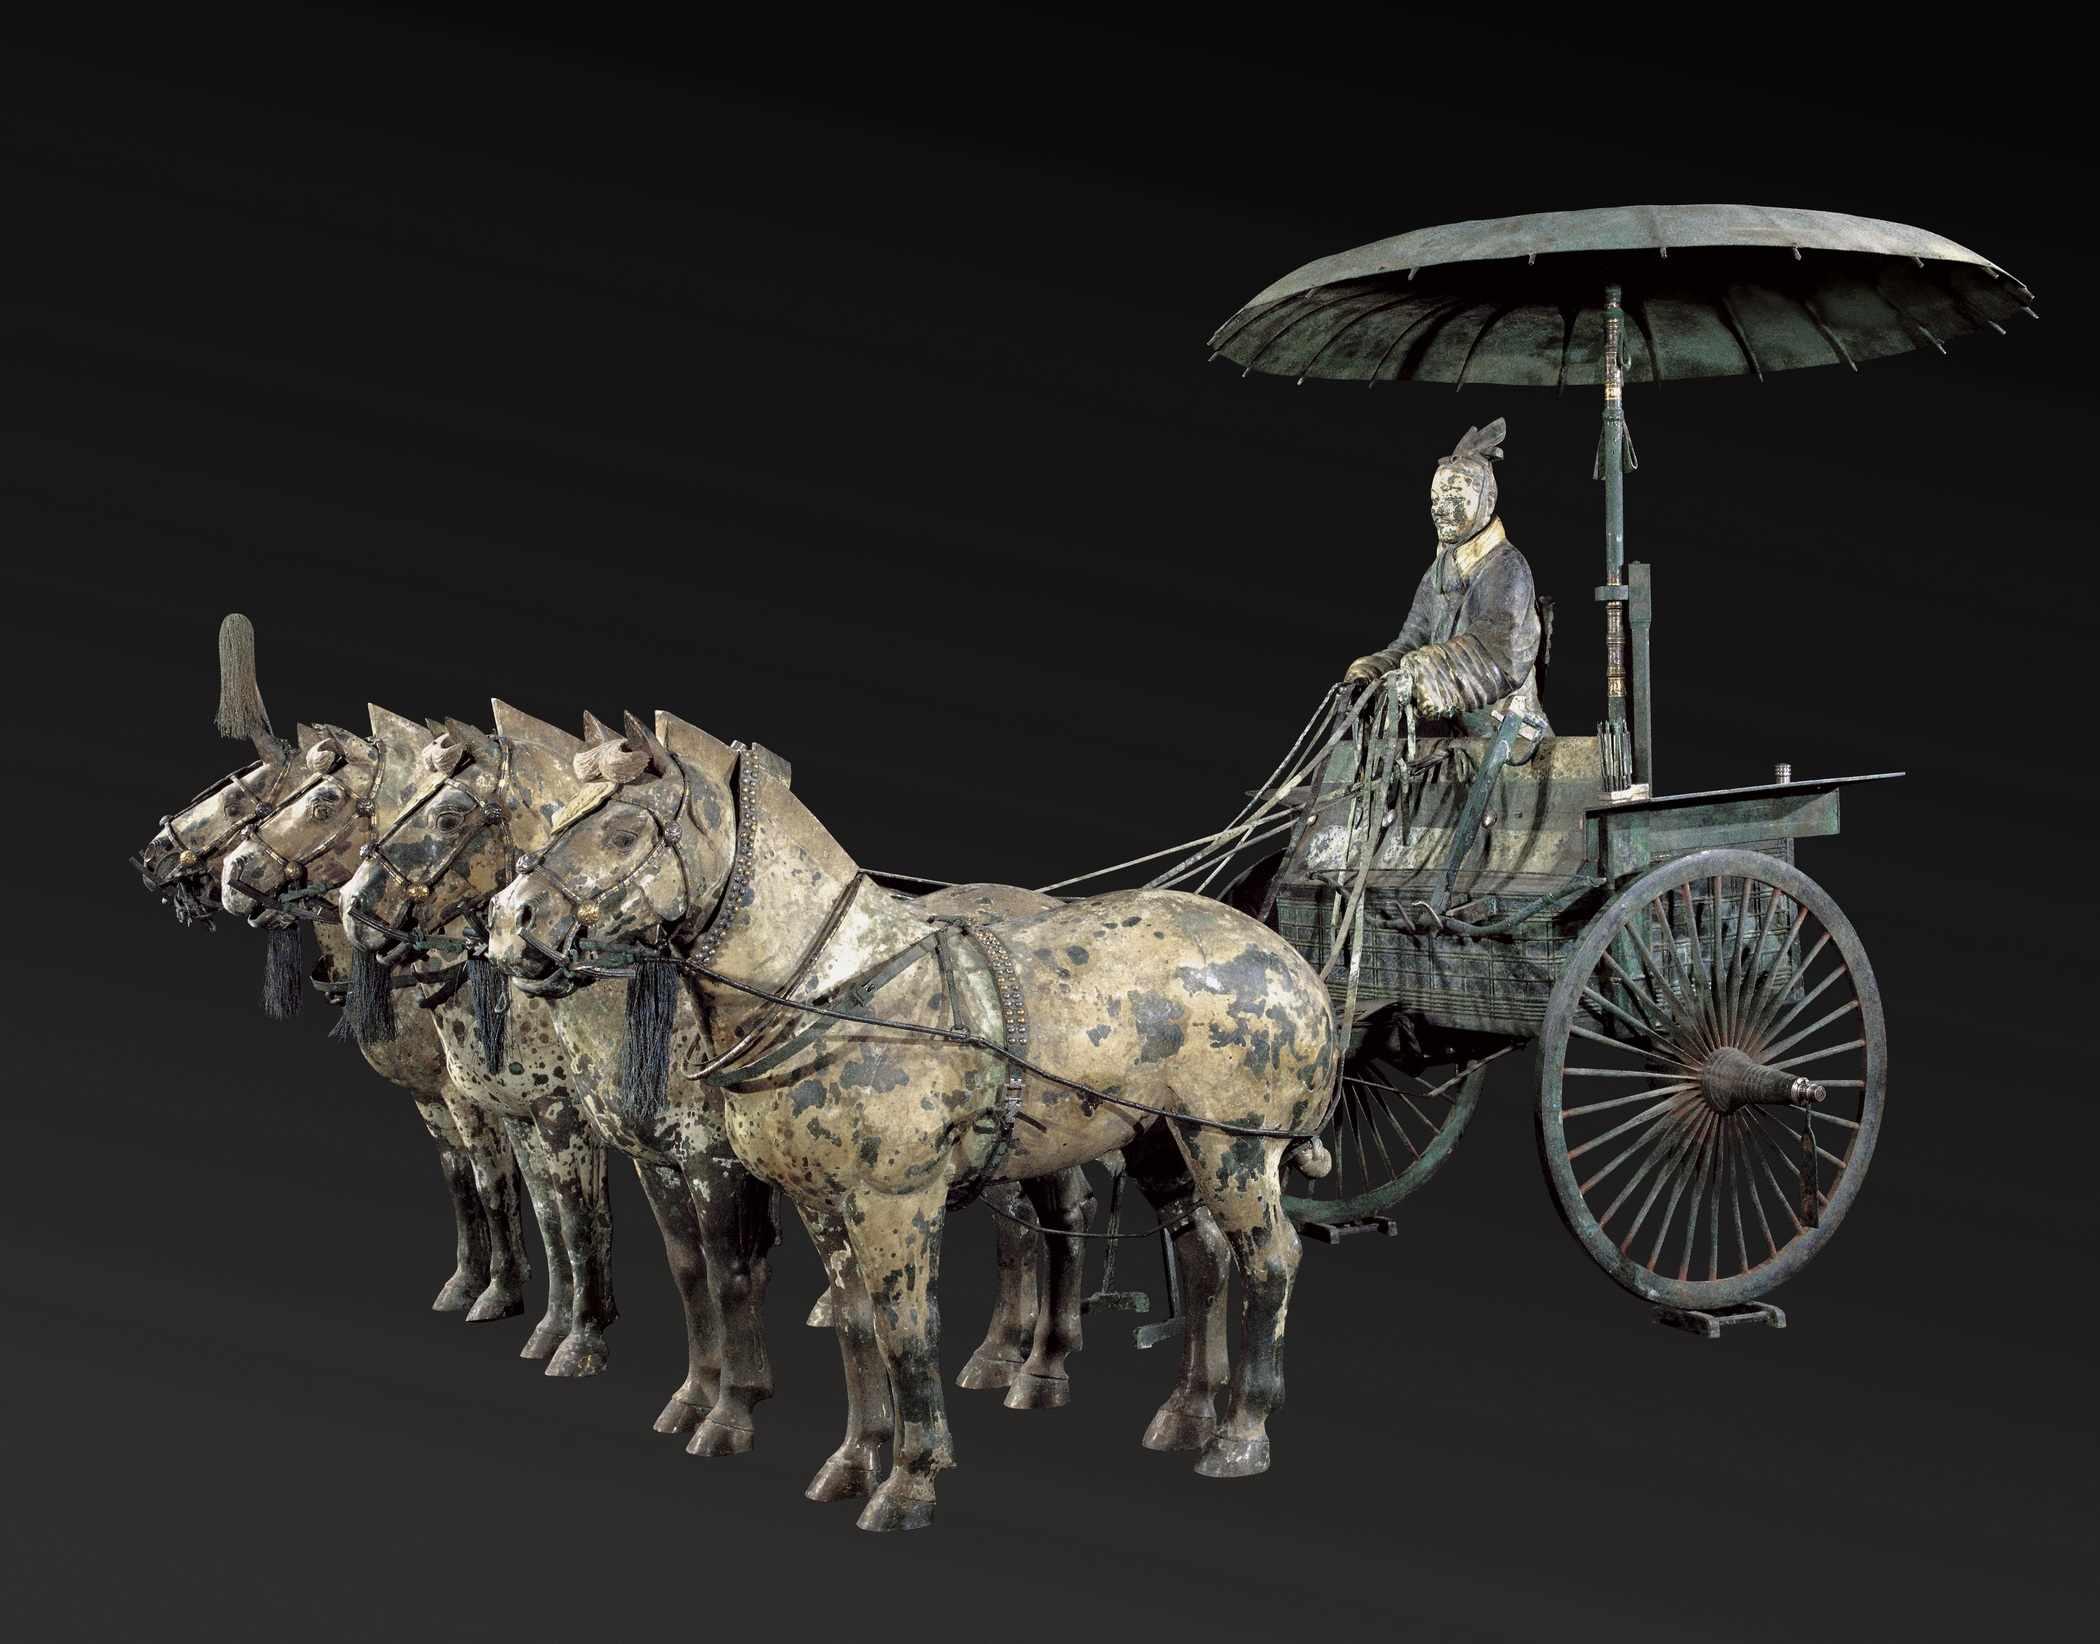 Replica chariot. (© Mr. Ziyu Qiu)